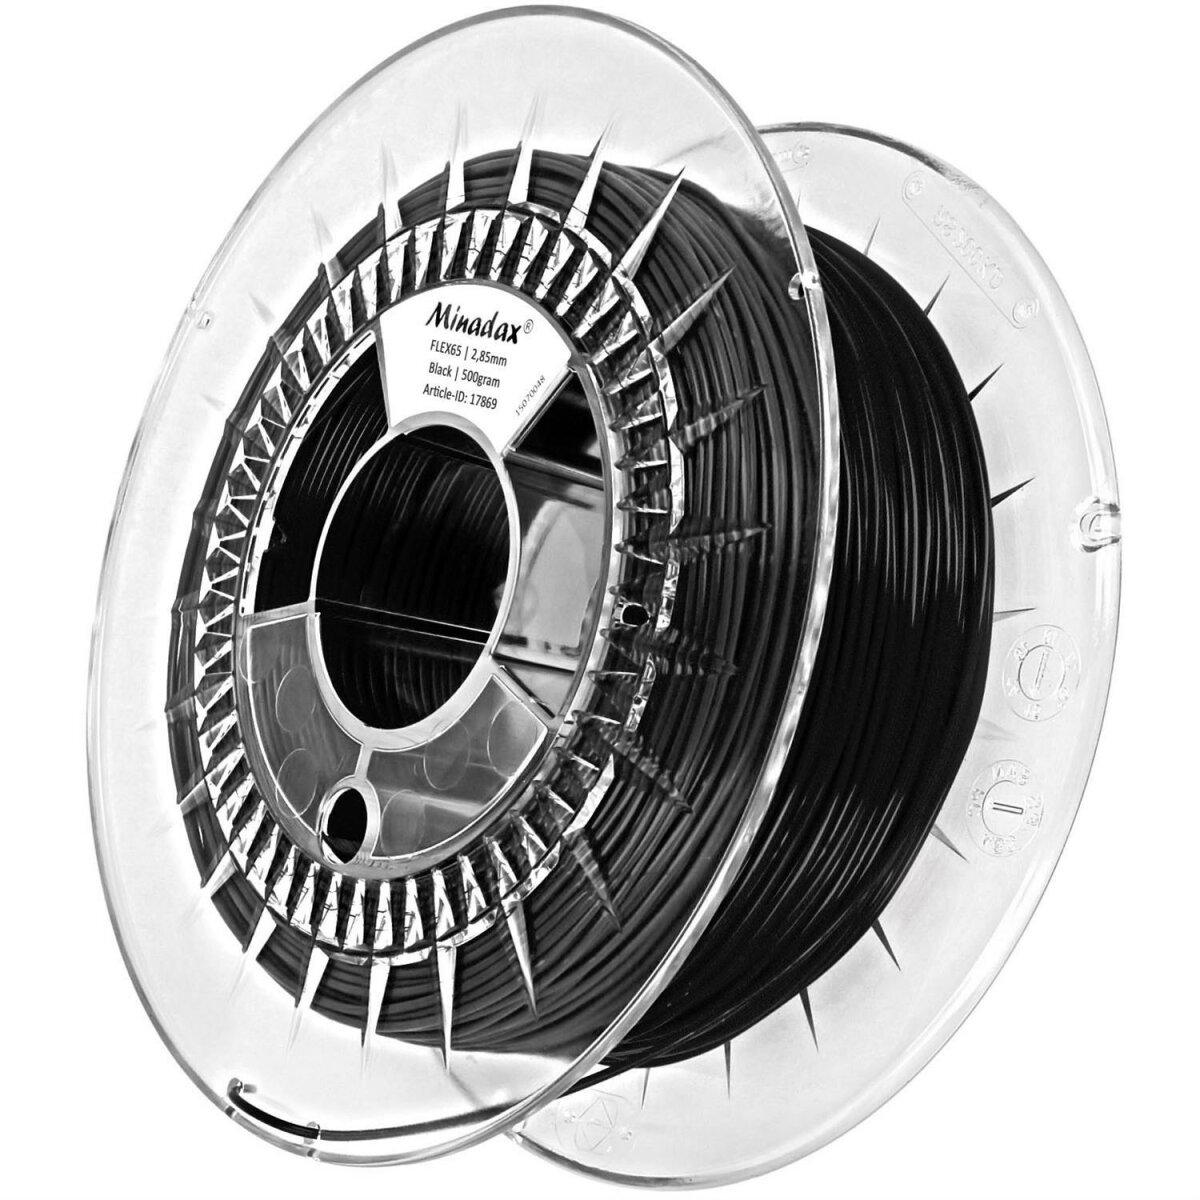 Minadax® 0,5kg Premium Qualitaet 3mm (2,85mm) BEND-Filament schwarz fuer 3D-Drucker hergestellt in Europa